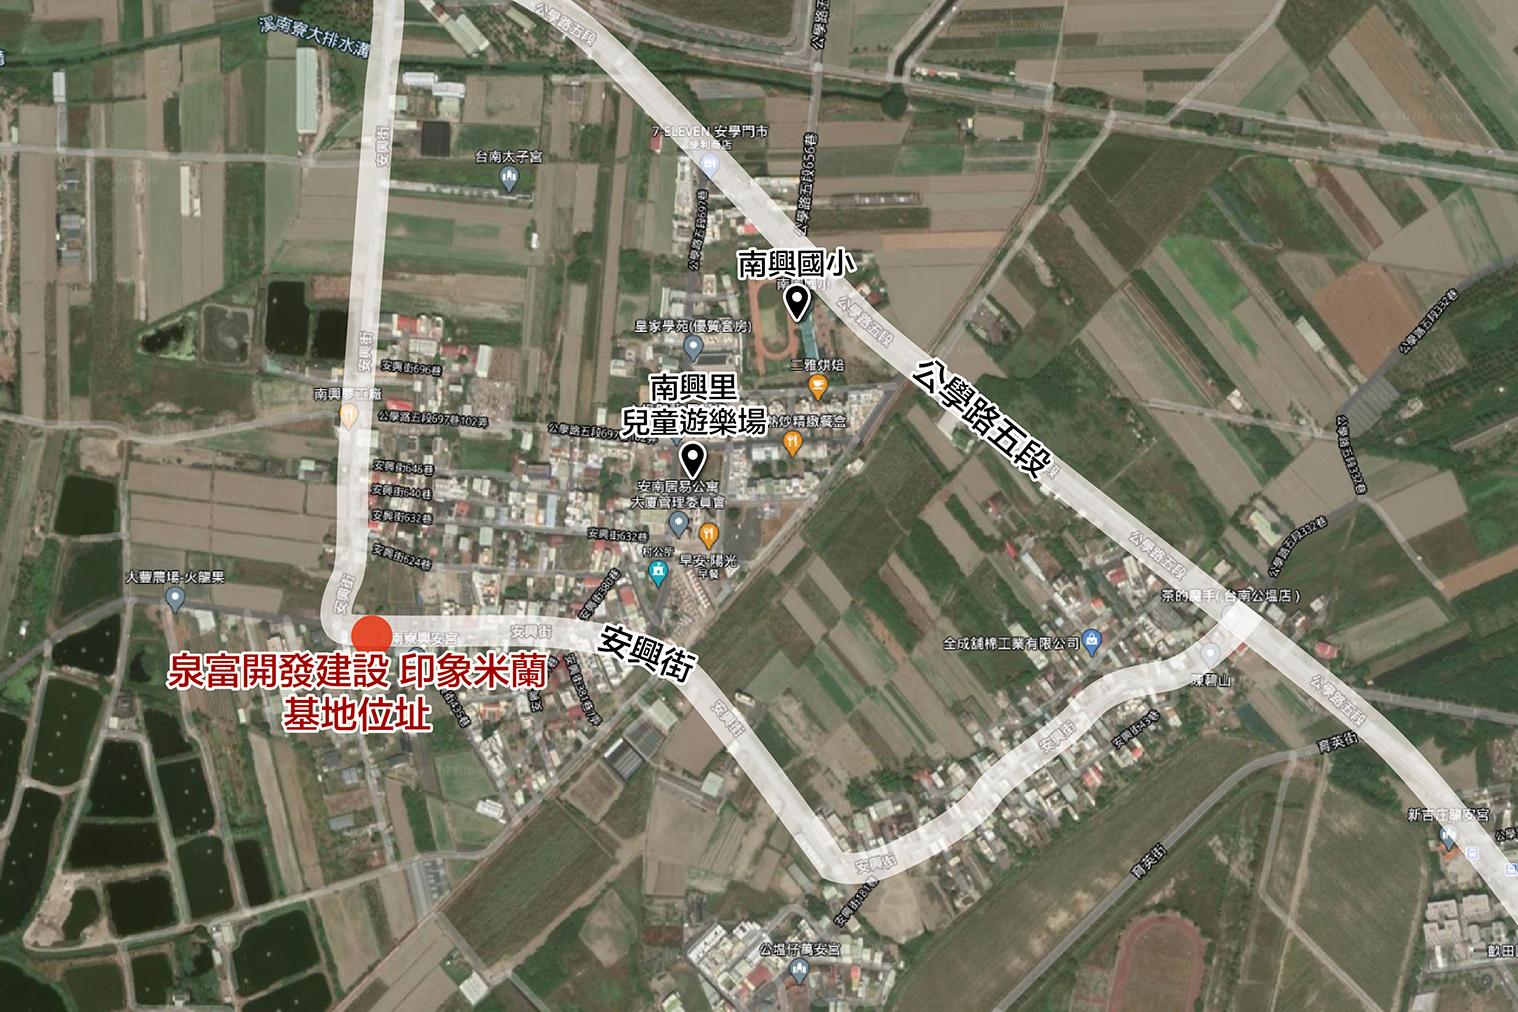 圖片:台南-泉富開發建設「印象米蘭」 南興國小當厝邊